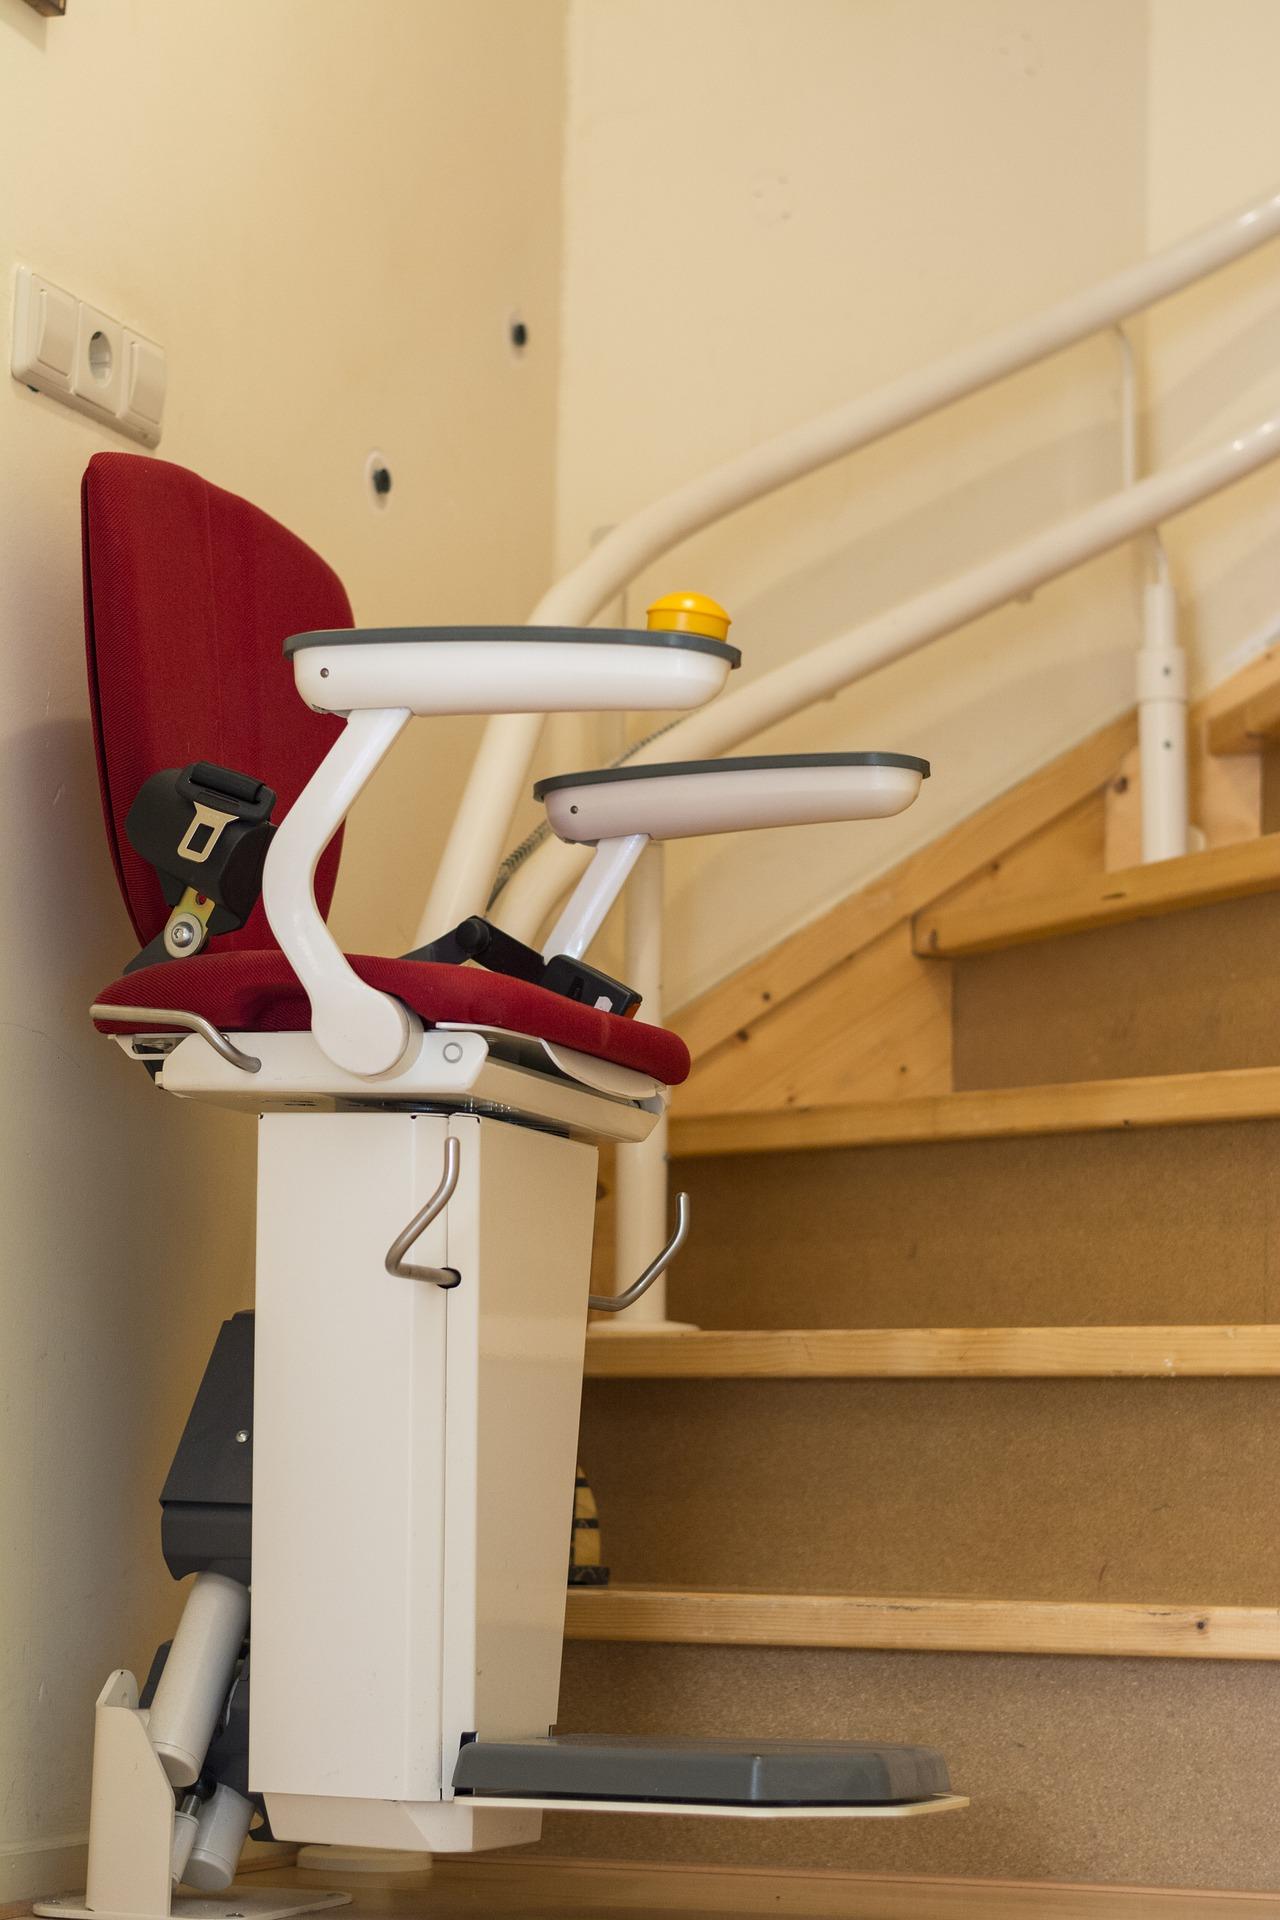 Quels sont les avantages d'utiliser un monte-escalier?